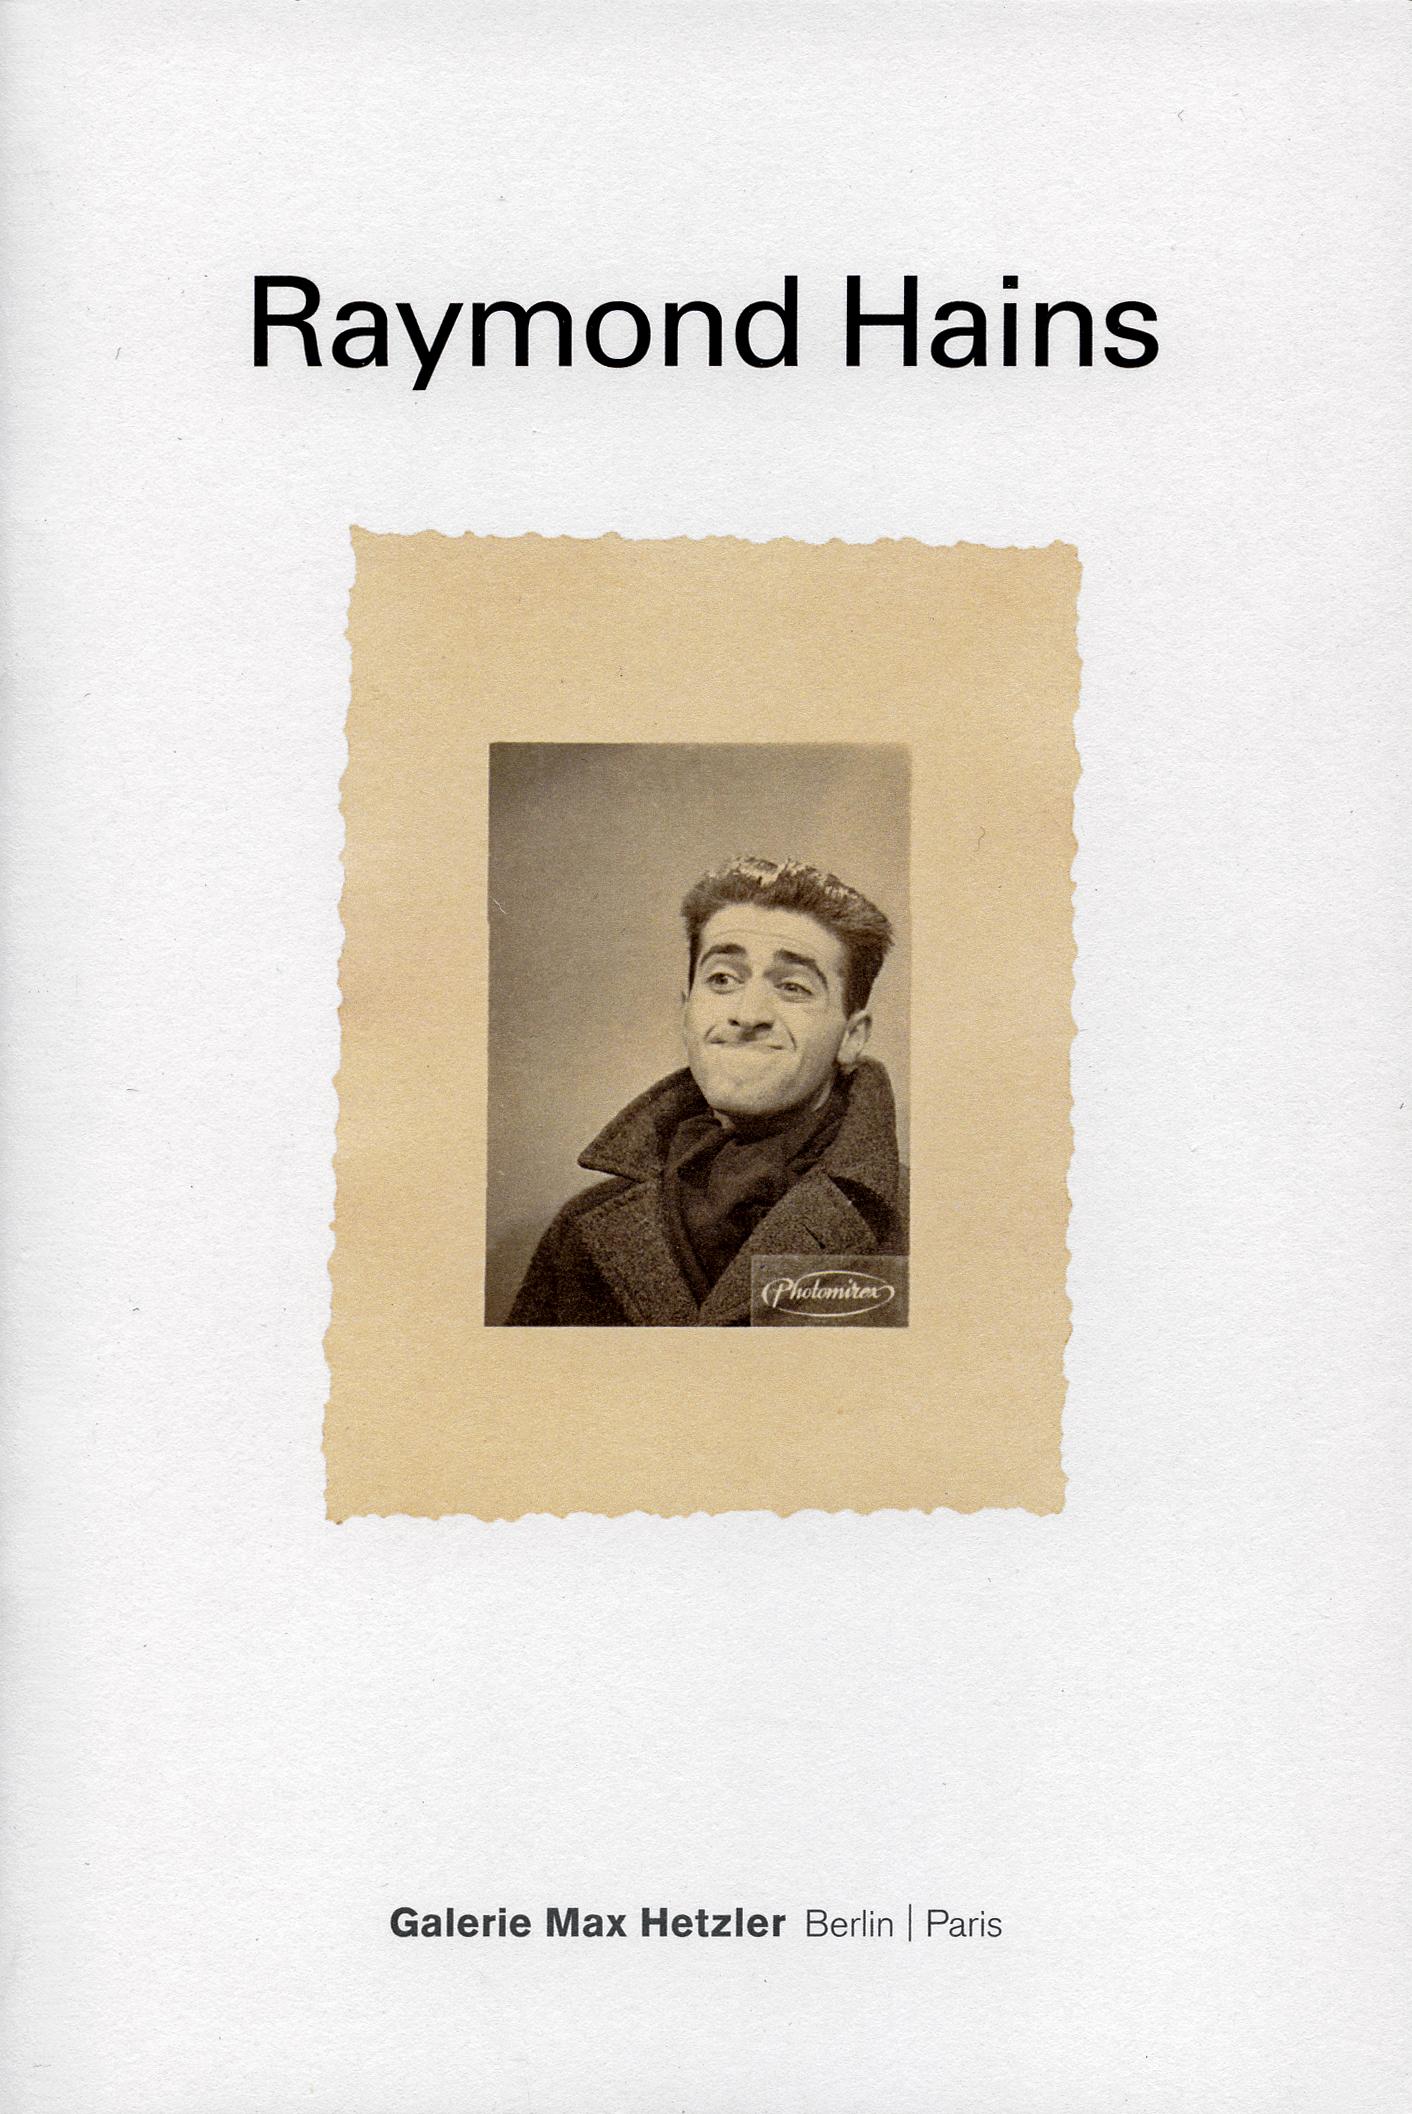 Raymond Hains - Galerie Max Hetzler